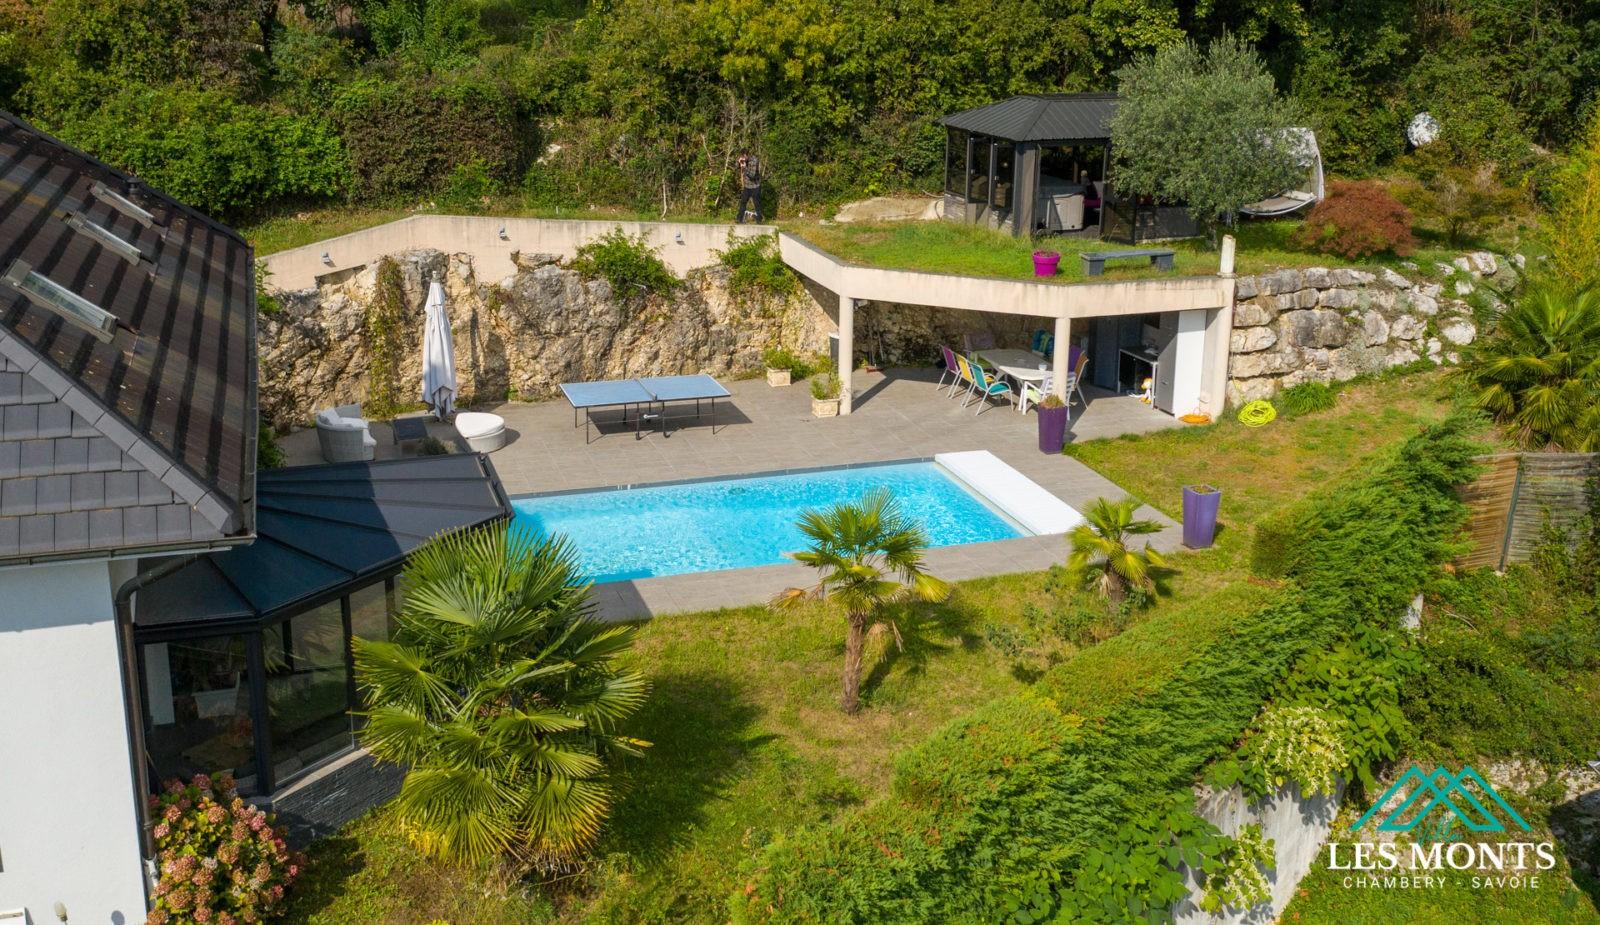 Prise de vue photo aérienne immobilière par drone - Chambéry Savoie